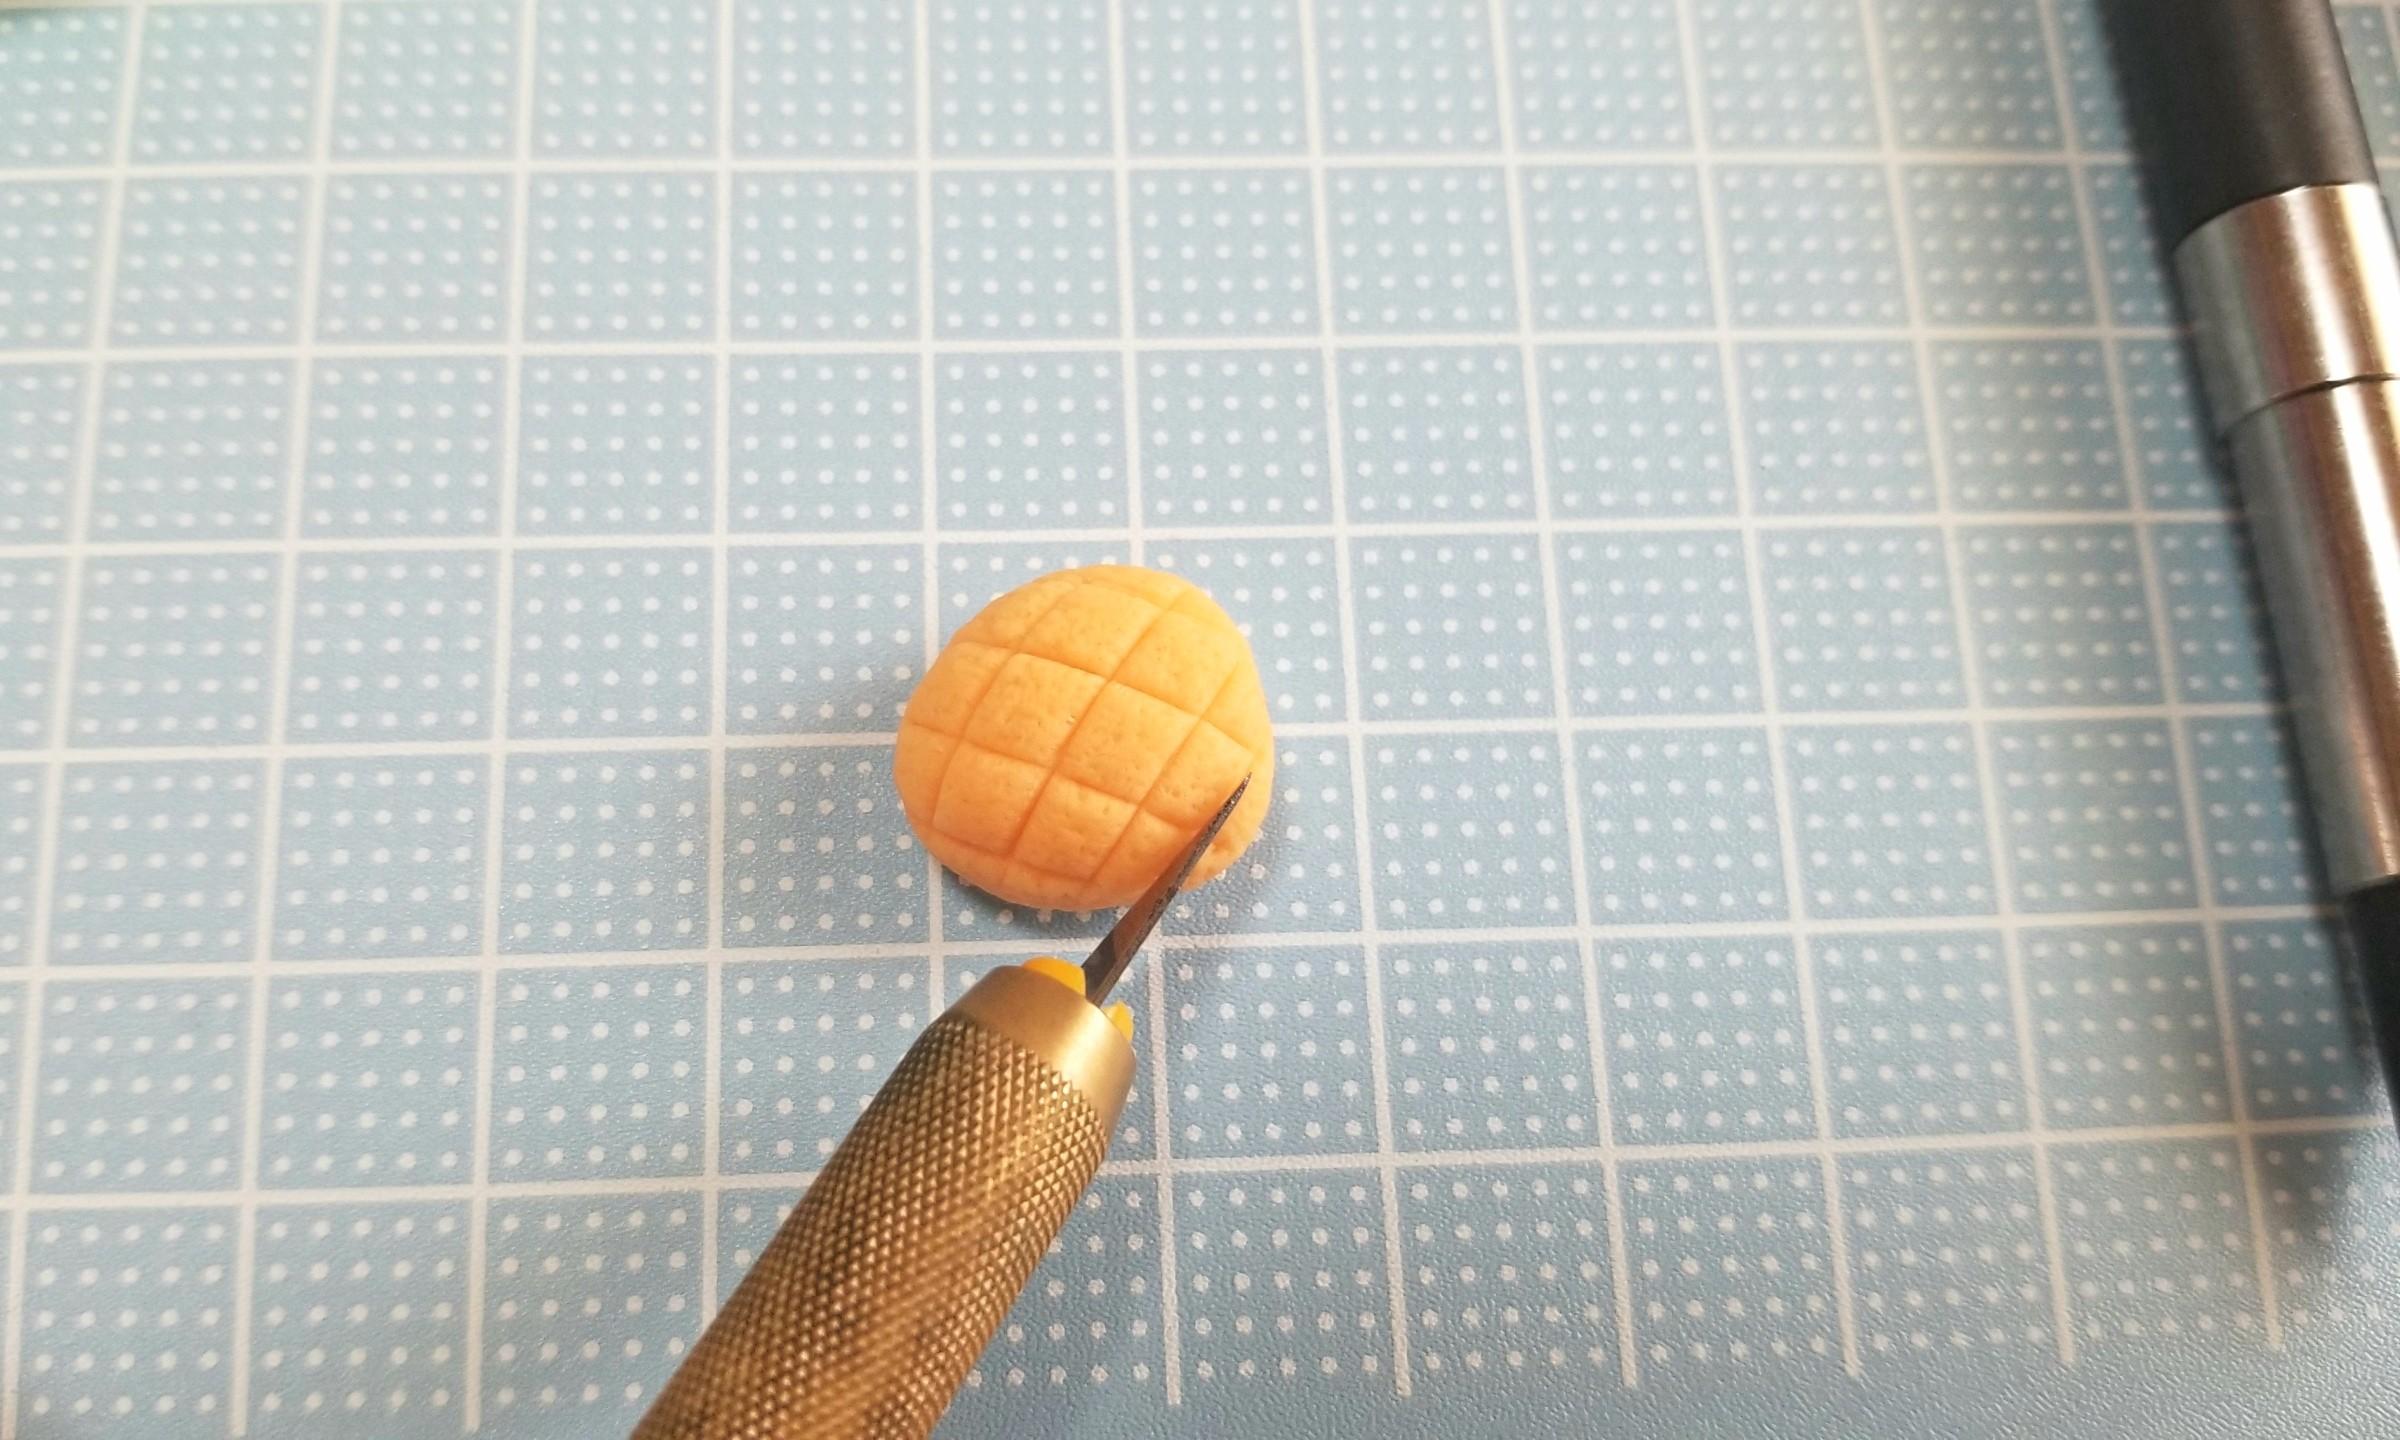 野菜メロンパン,ミニチュア,作り方,樹脂粘土,フェイクフード,ドール